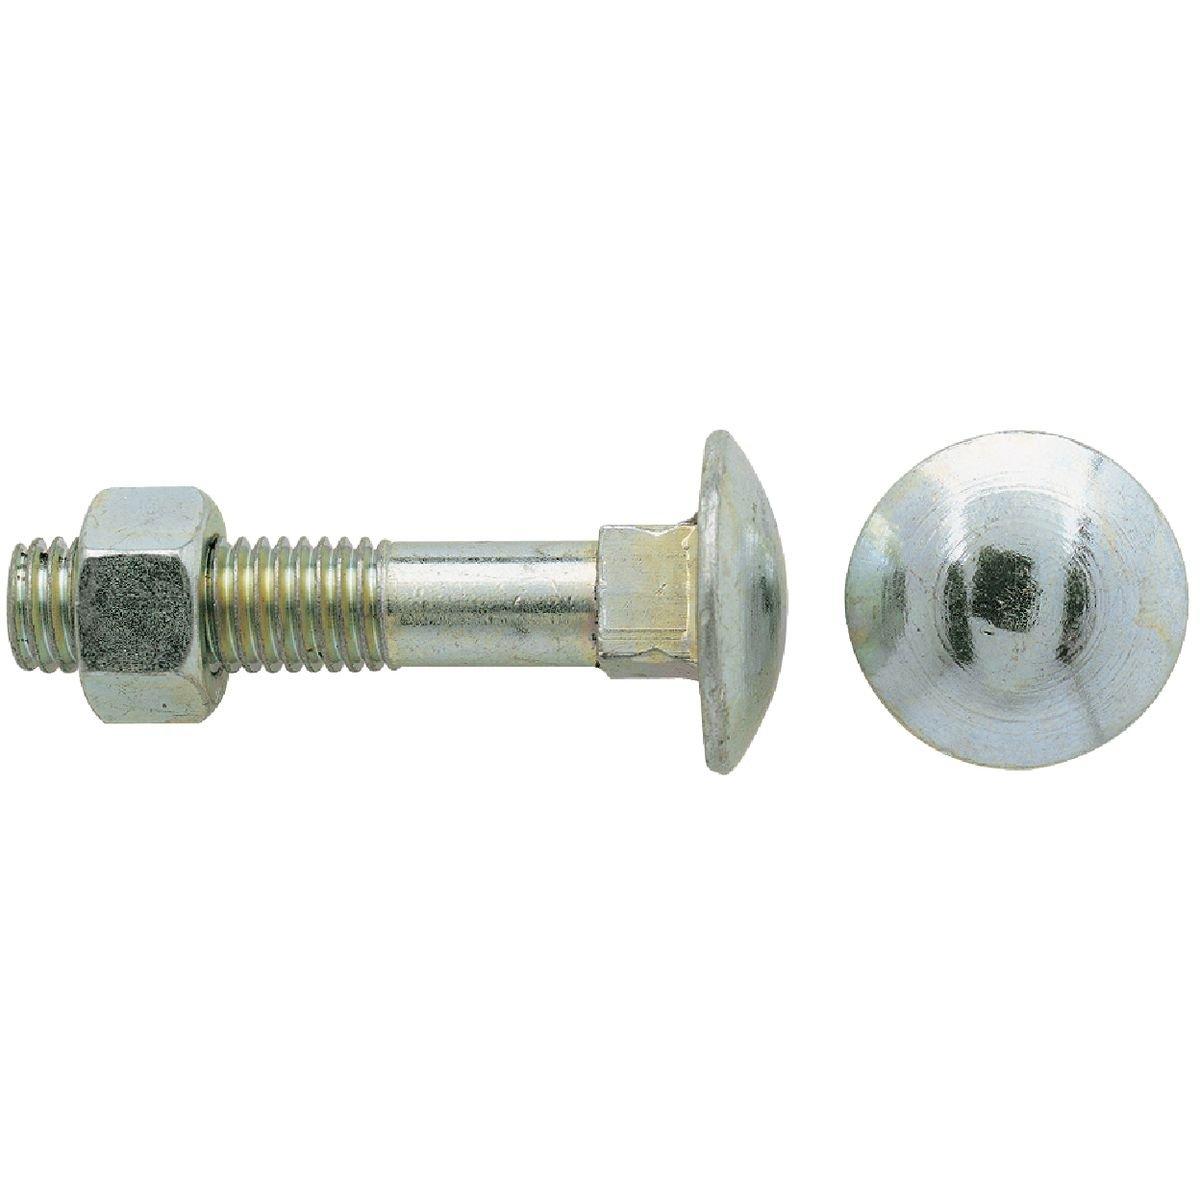 Boulon japy zingu/é 60 mm Bo/îte de 100 /Ø 7 mm Filetage partiel 20 mm Viswood